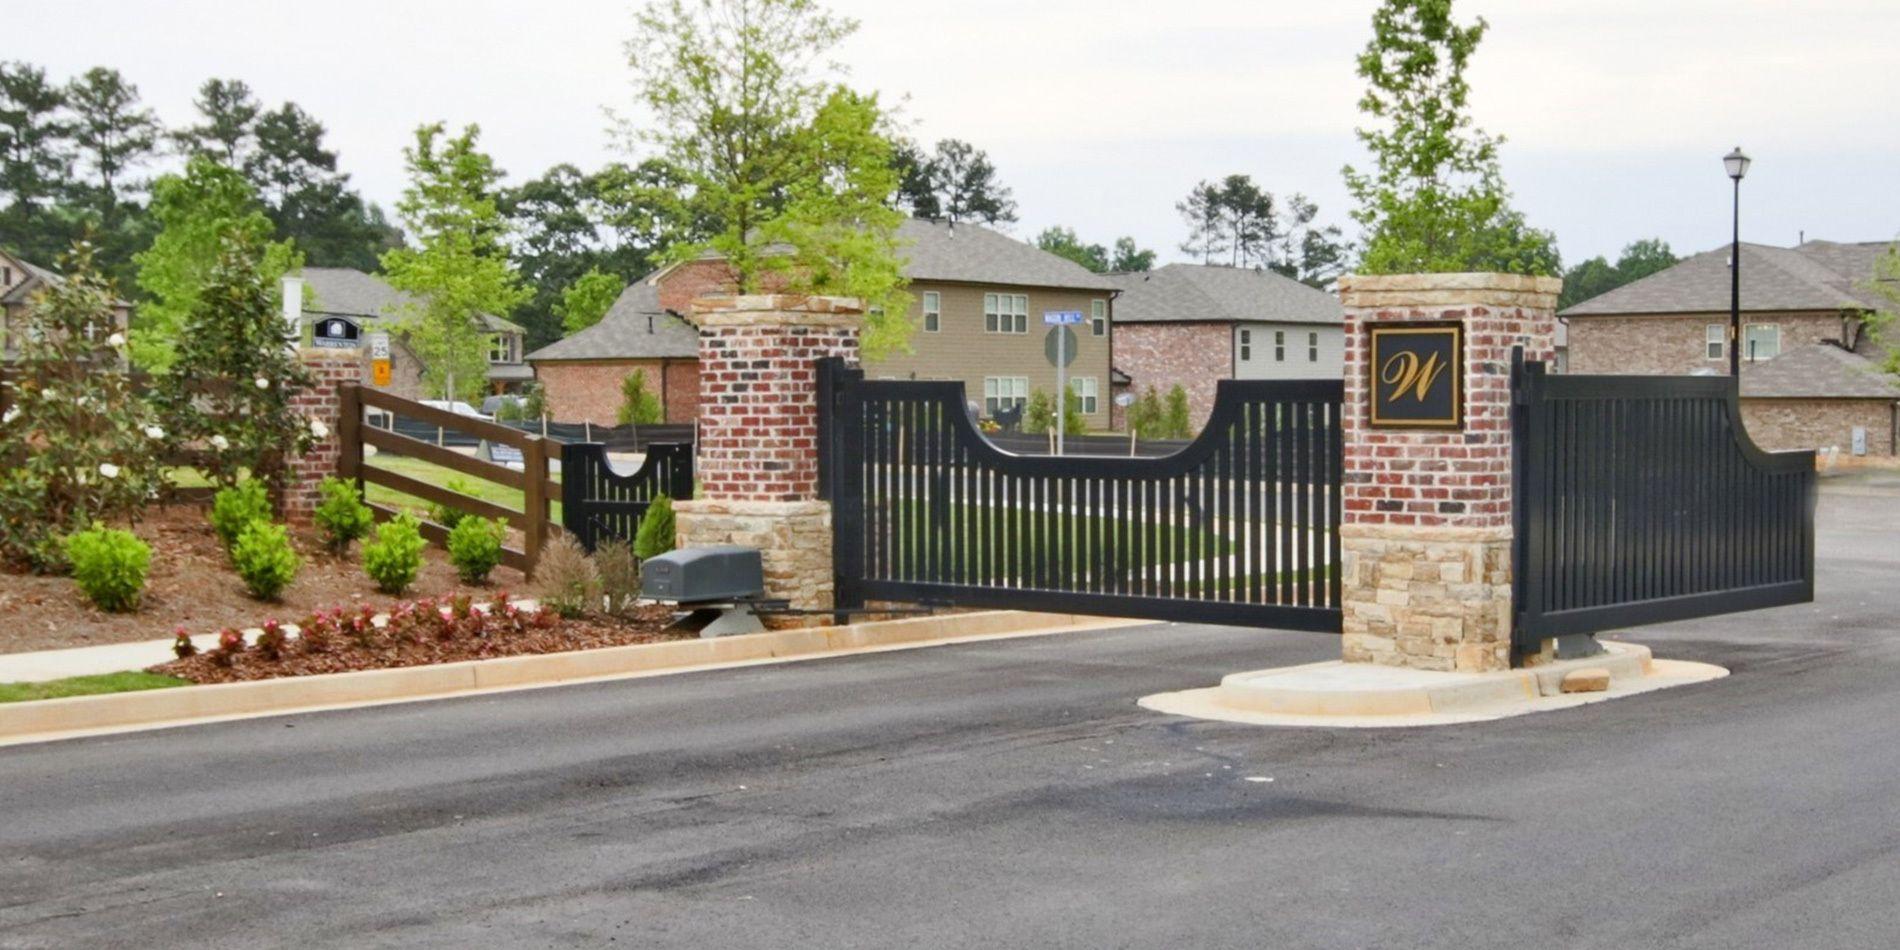 Ensam Familj för Försäljning vid Hopedale 529 Warrenton Run Drive Sugarhill, Georgia 30518 United States